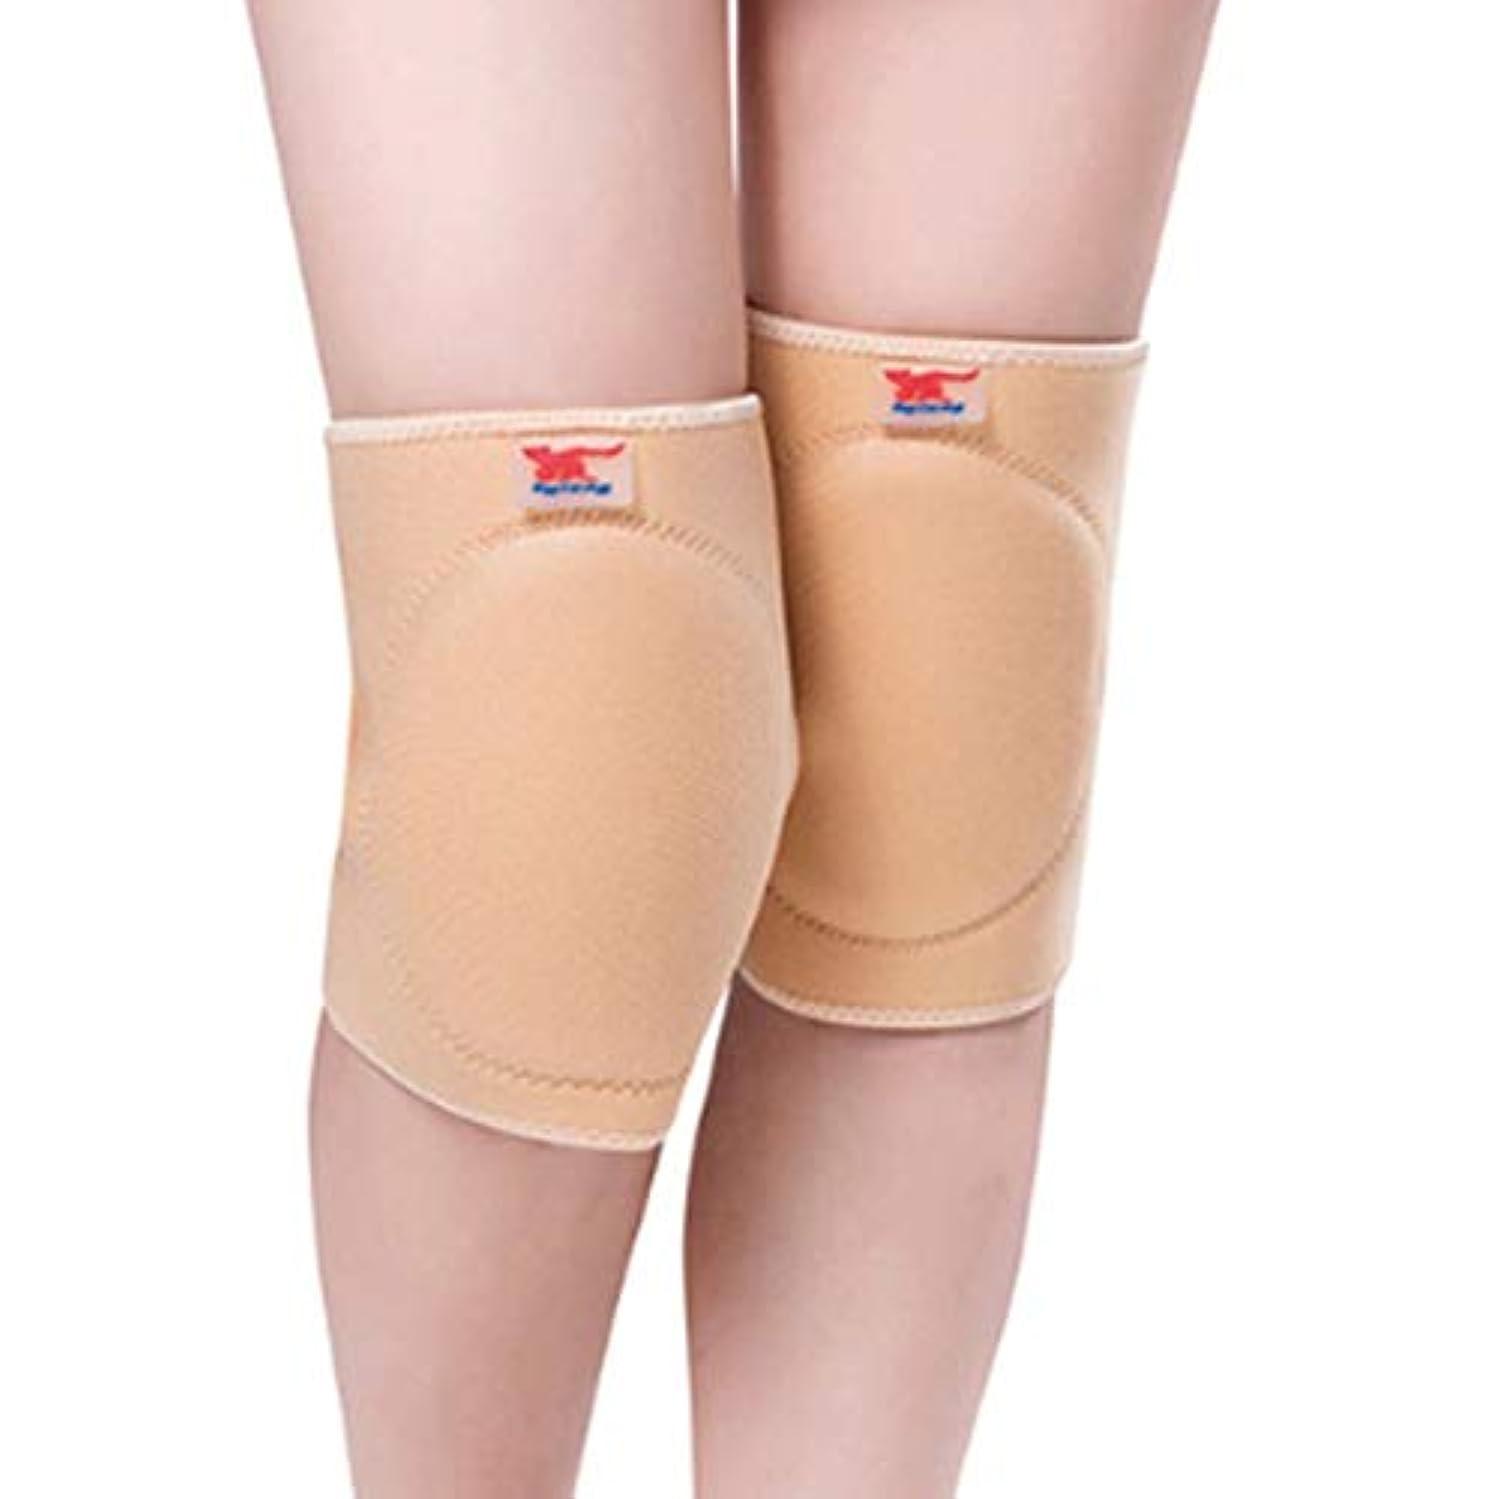 彼ら捕虜ロードハウス反膝パッドウール防止関節炎保温暖かい膝サポート通気性肥厚膝パッド安全膝ブレース